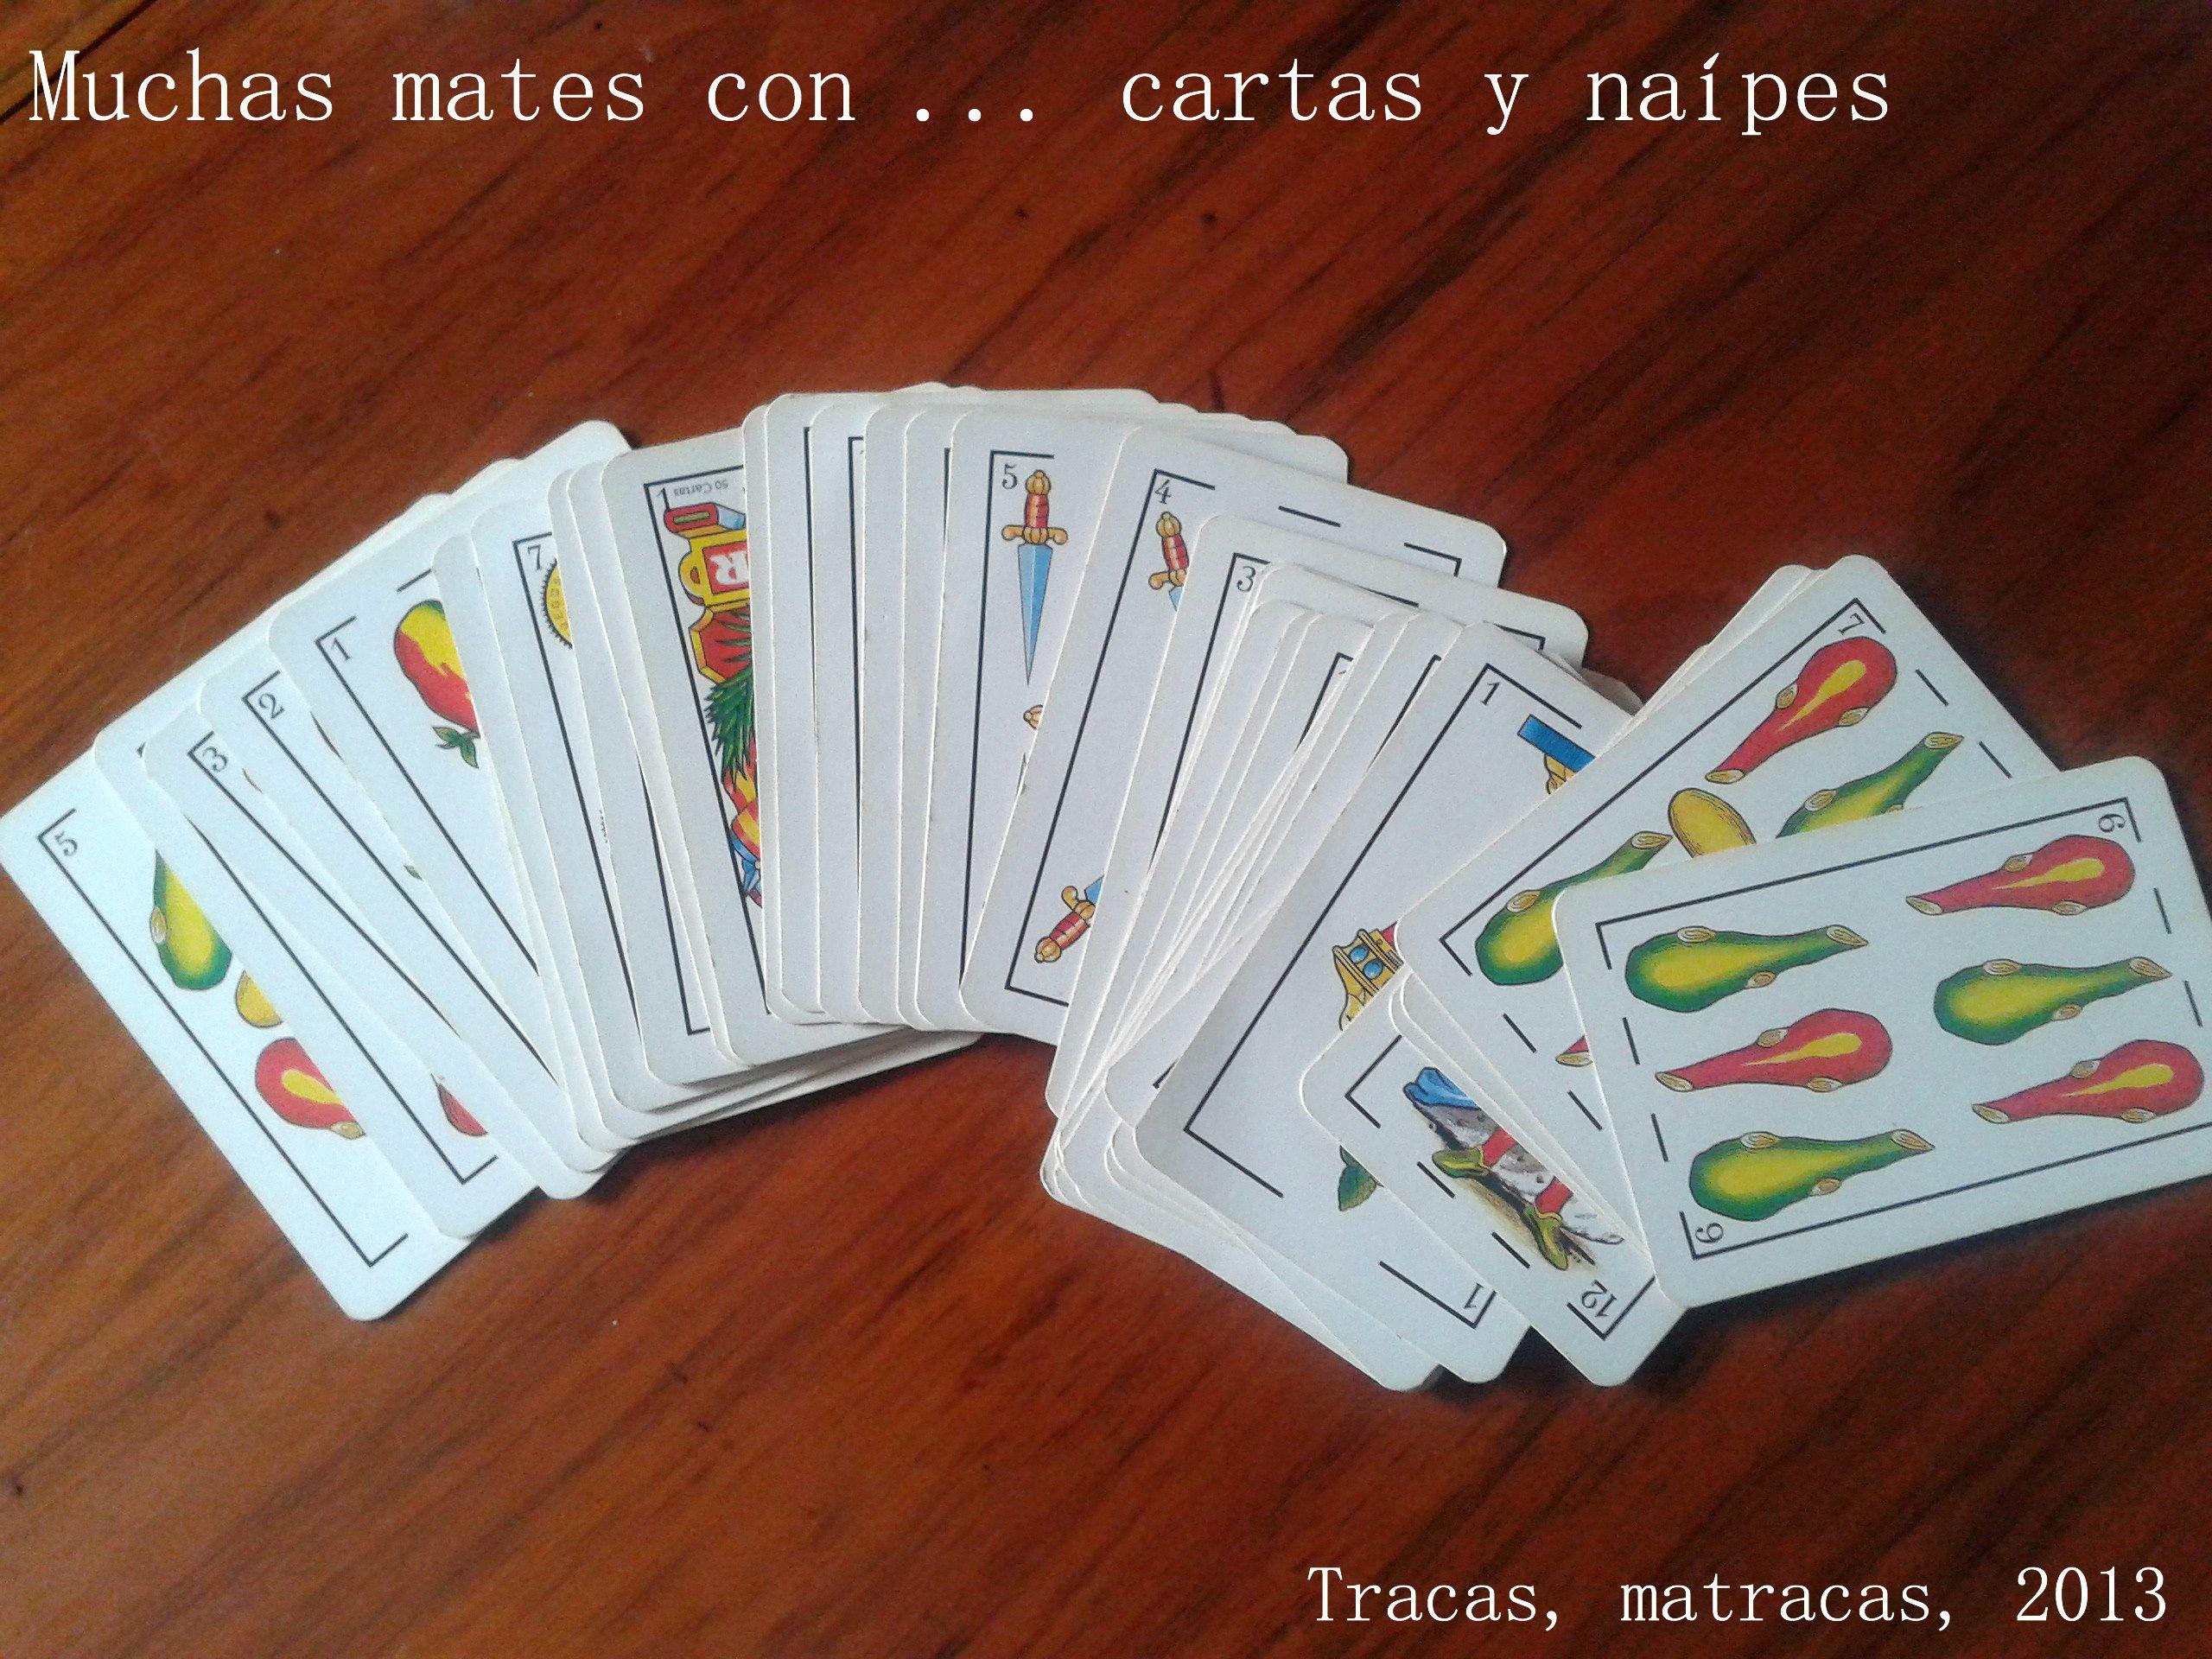 http://tracasmatracas.blogspot.com.es/